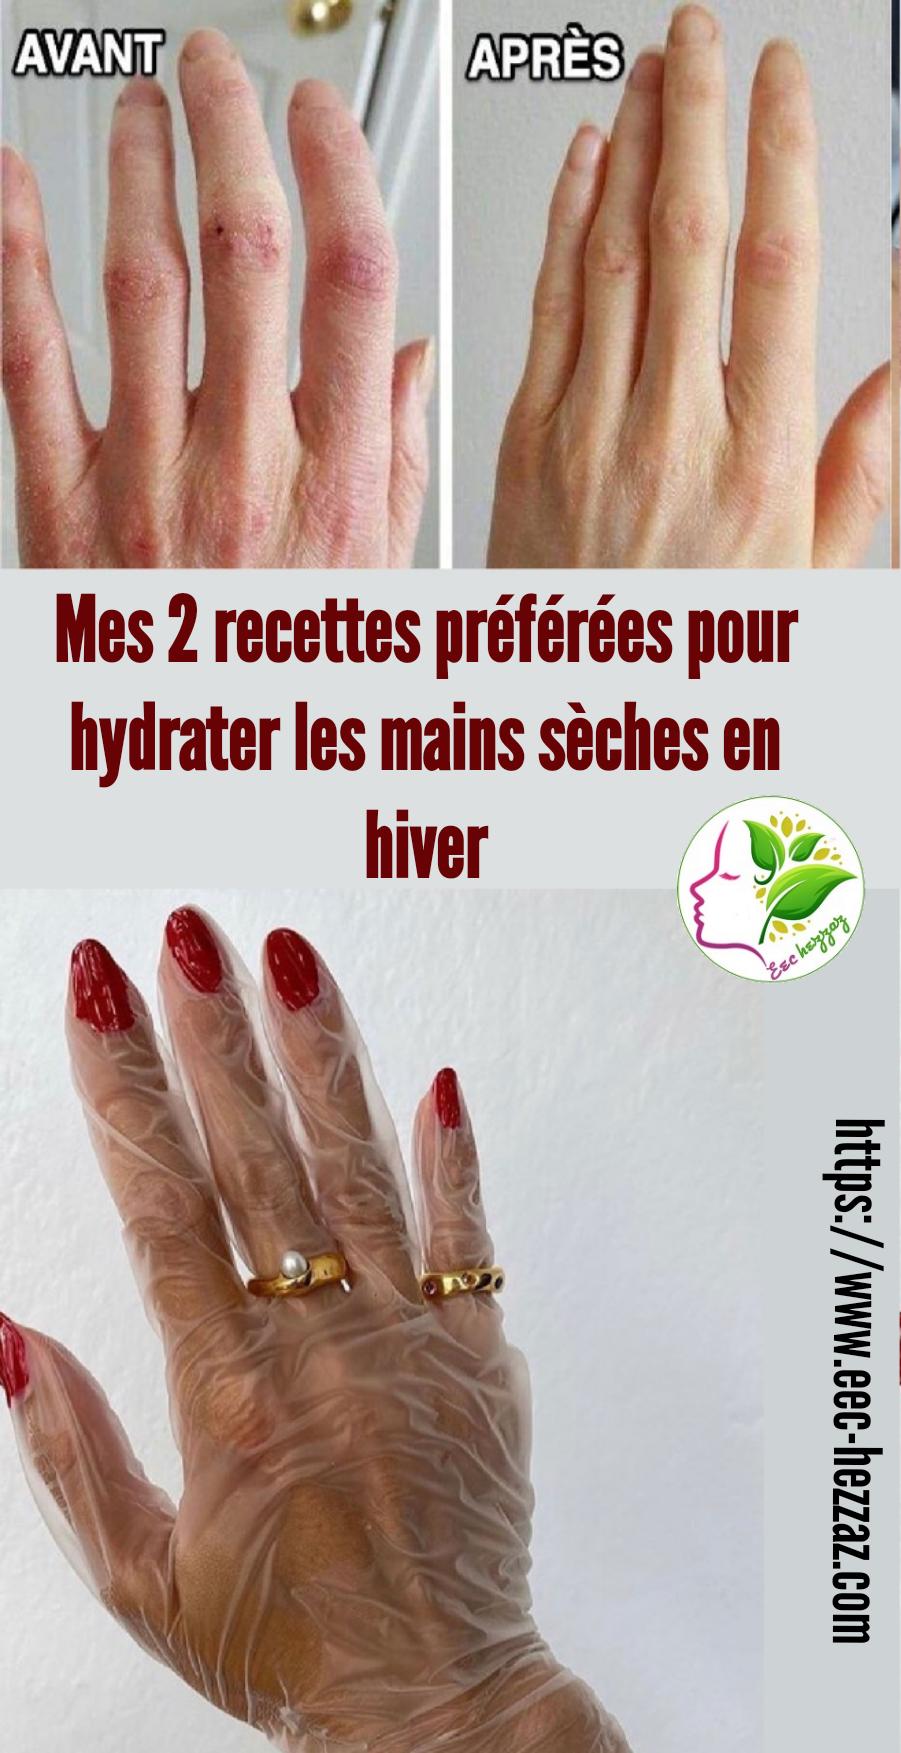 Mes 2 recettes préférées pour hydrater les mains sèches en hiver